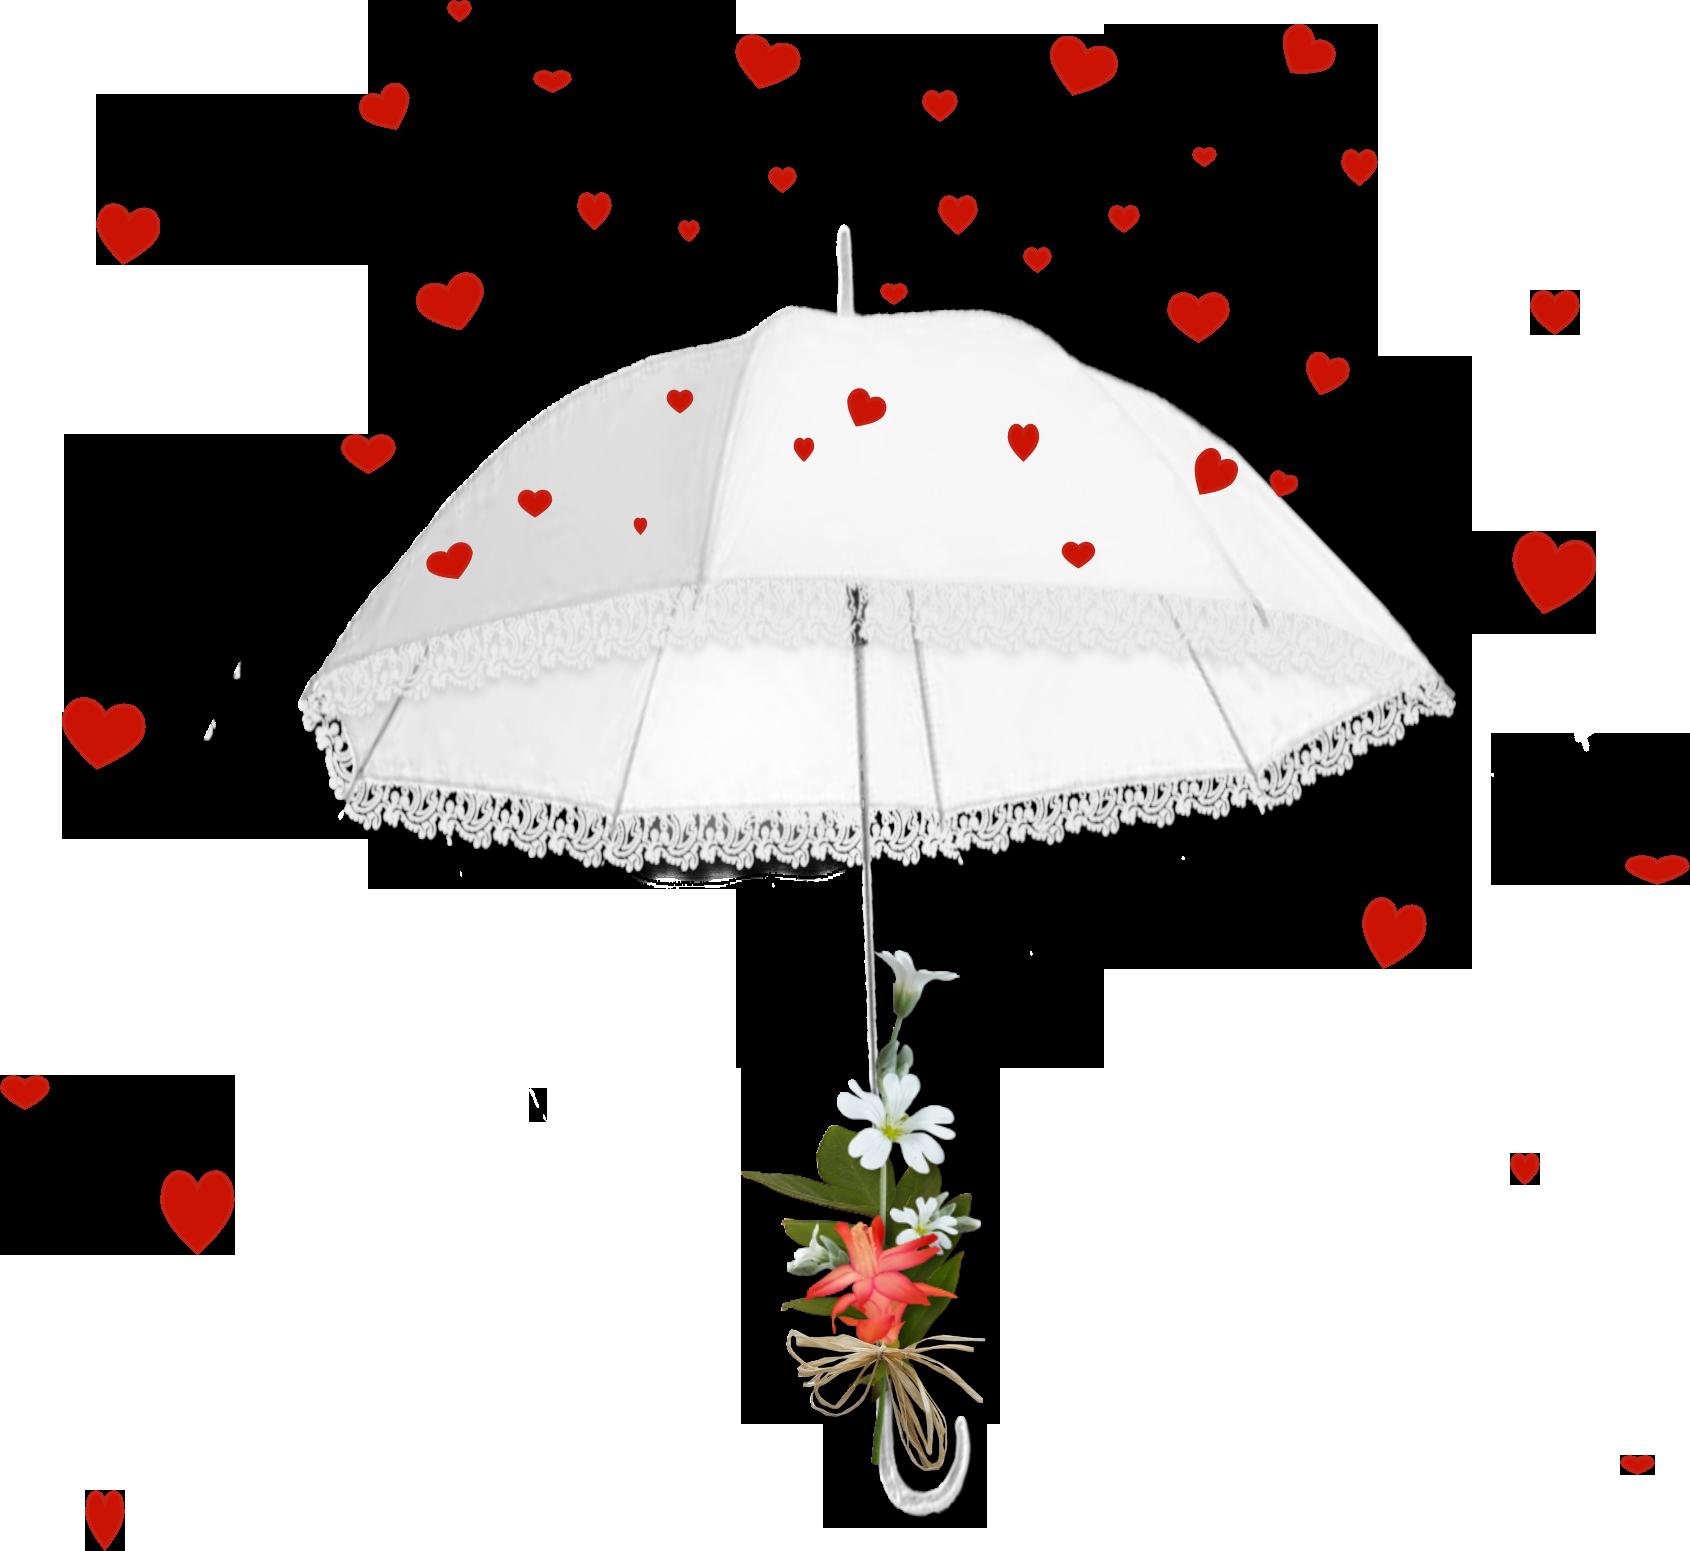 Поздравление на свадьбу про зонт с деньгами